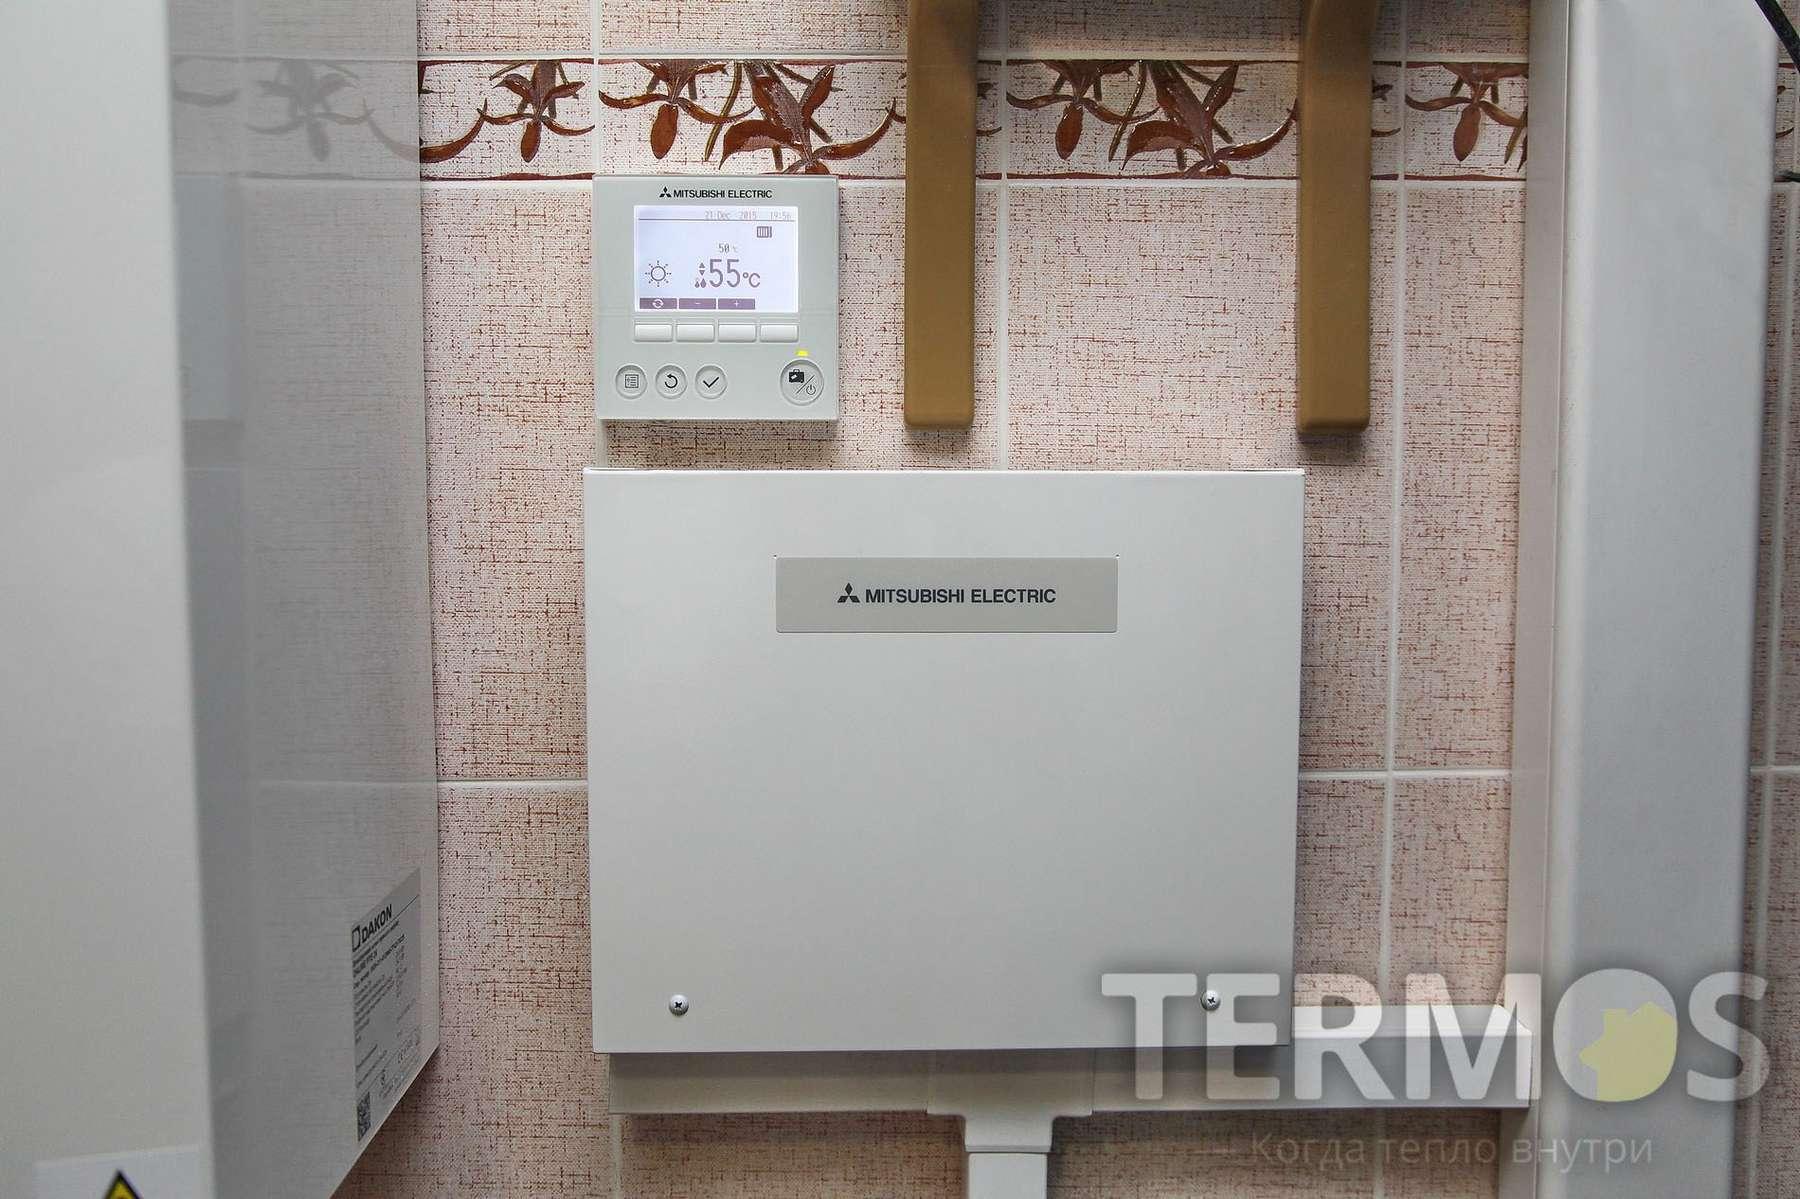 Автоматика воздушного теплового насоса обеспечивает работу системы в режимах отопления и горячего водоснабжения